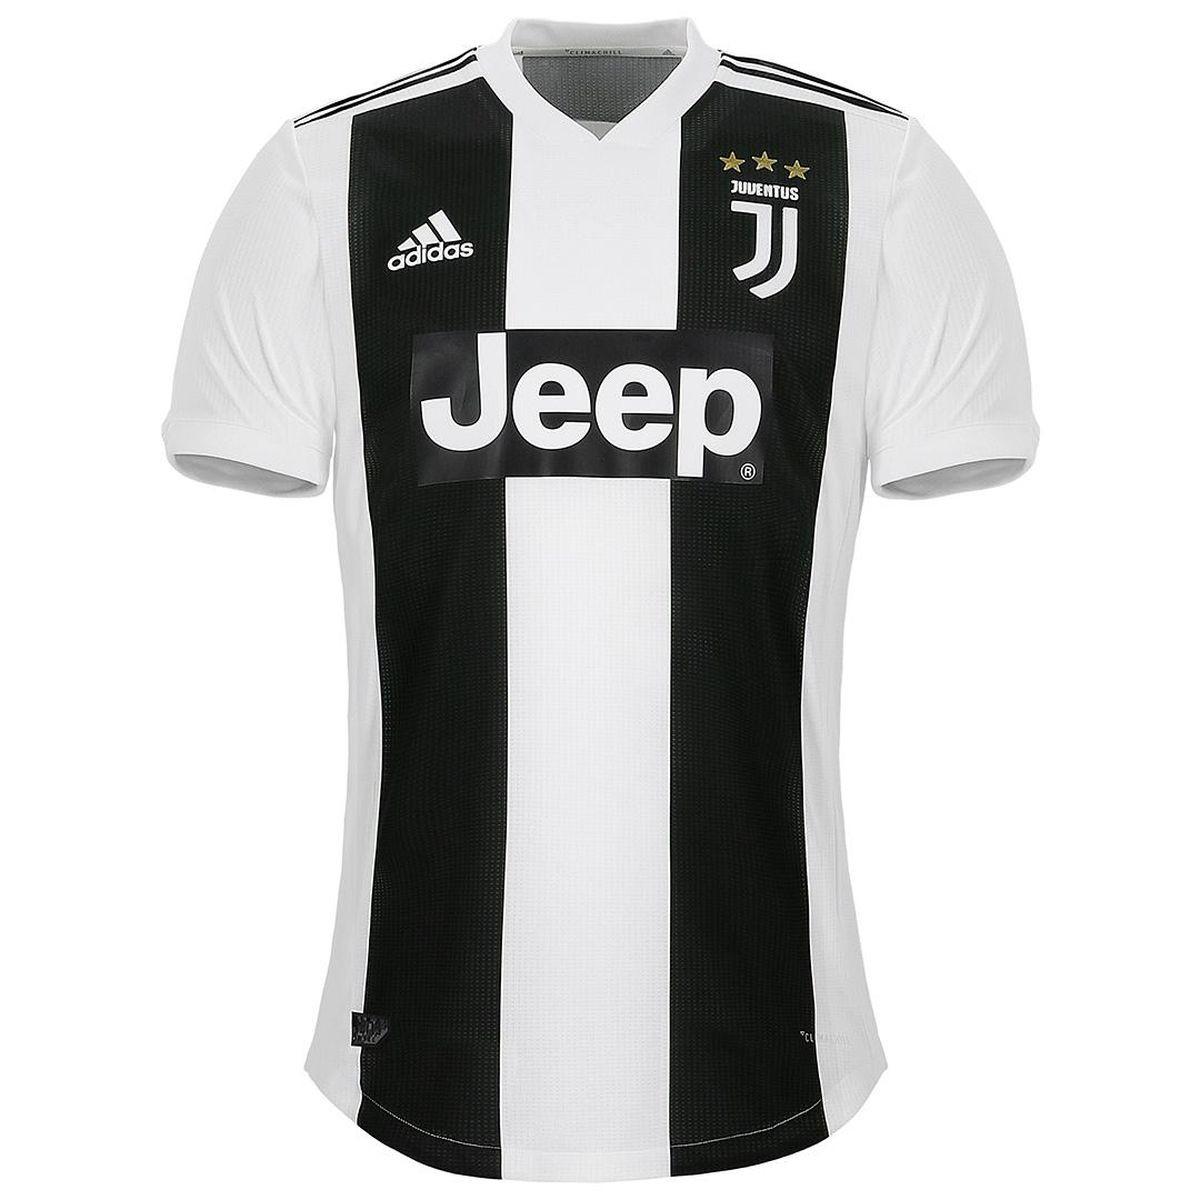 cb8f5f6659380 Camiseta adidas Juventus Primera Equipación 2018-2019 Black-White - Tienda  de fútbol Fútbol Emotion